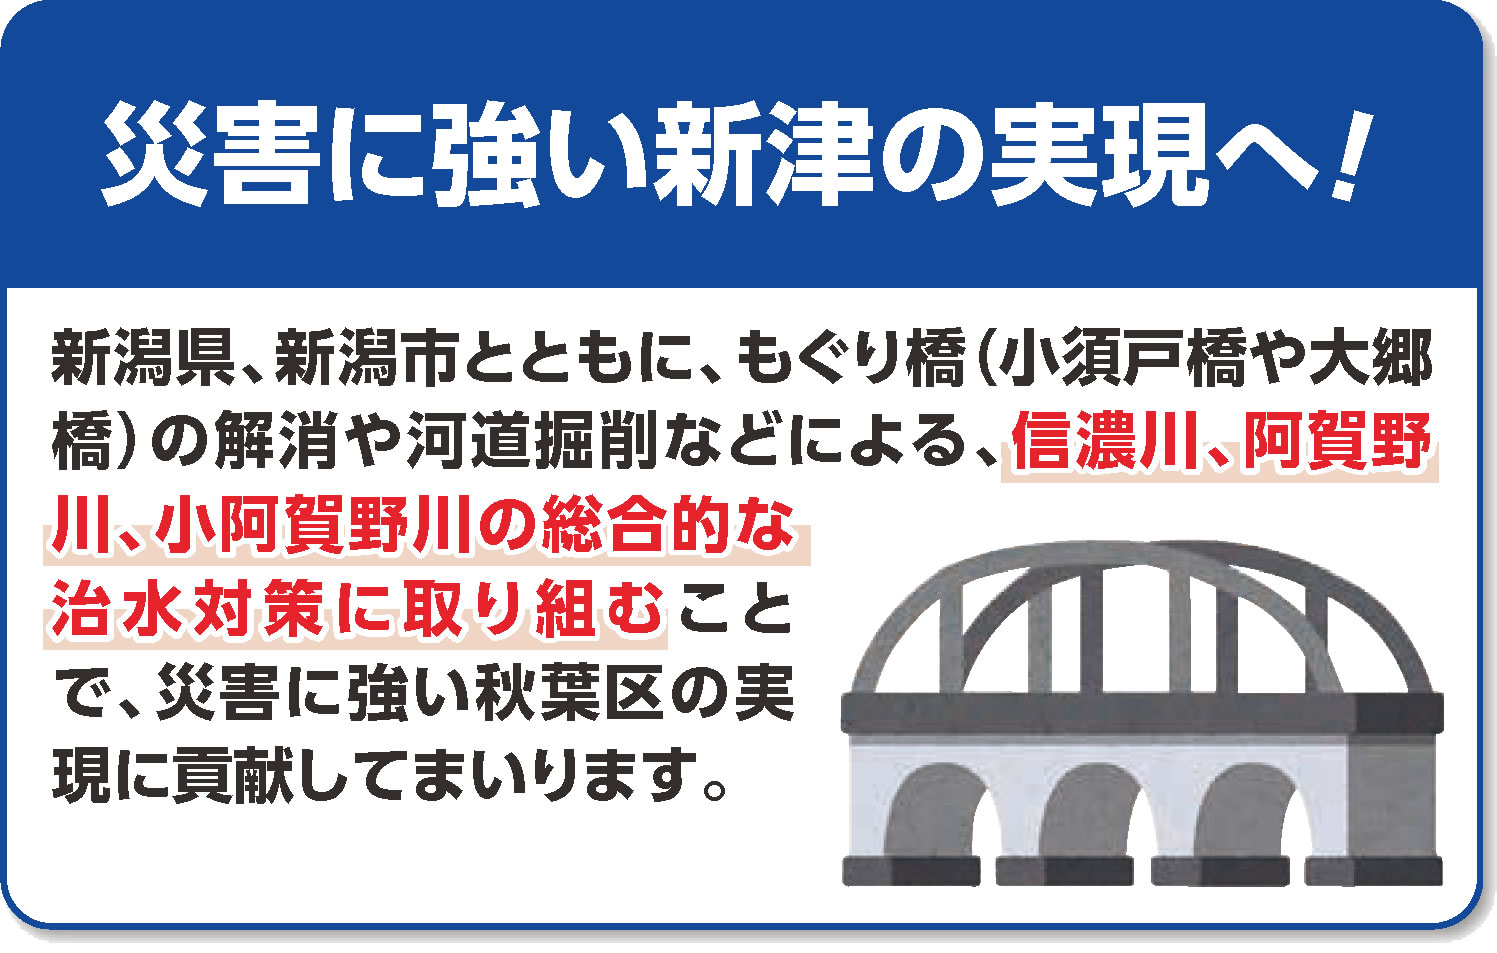 災害に強い新津の実現へ!